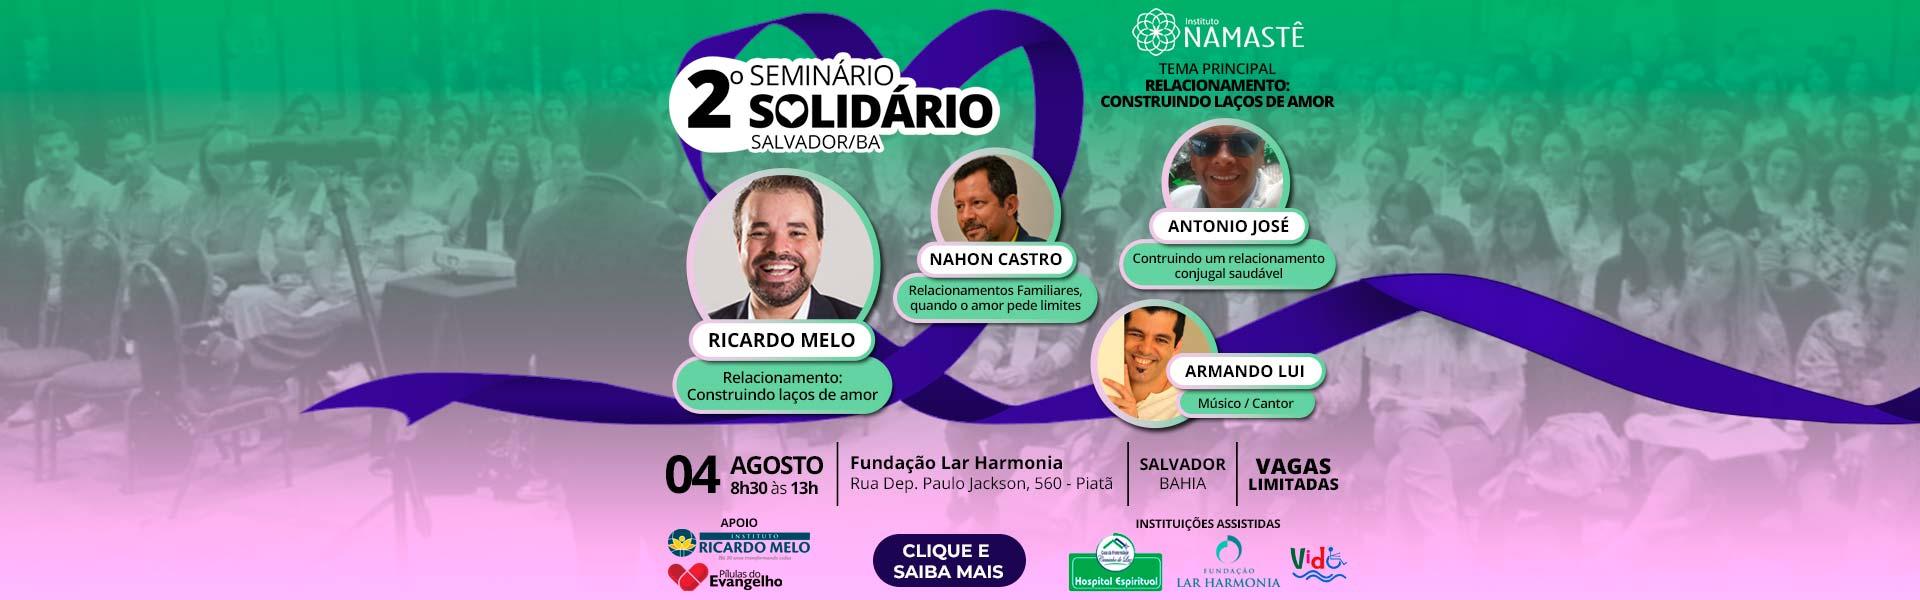 2º Seminário Solidário - Salvador / BA